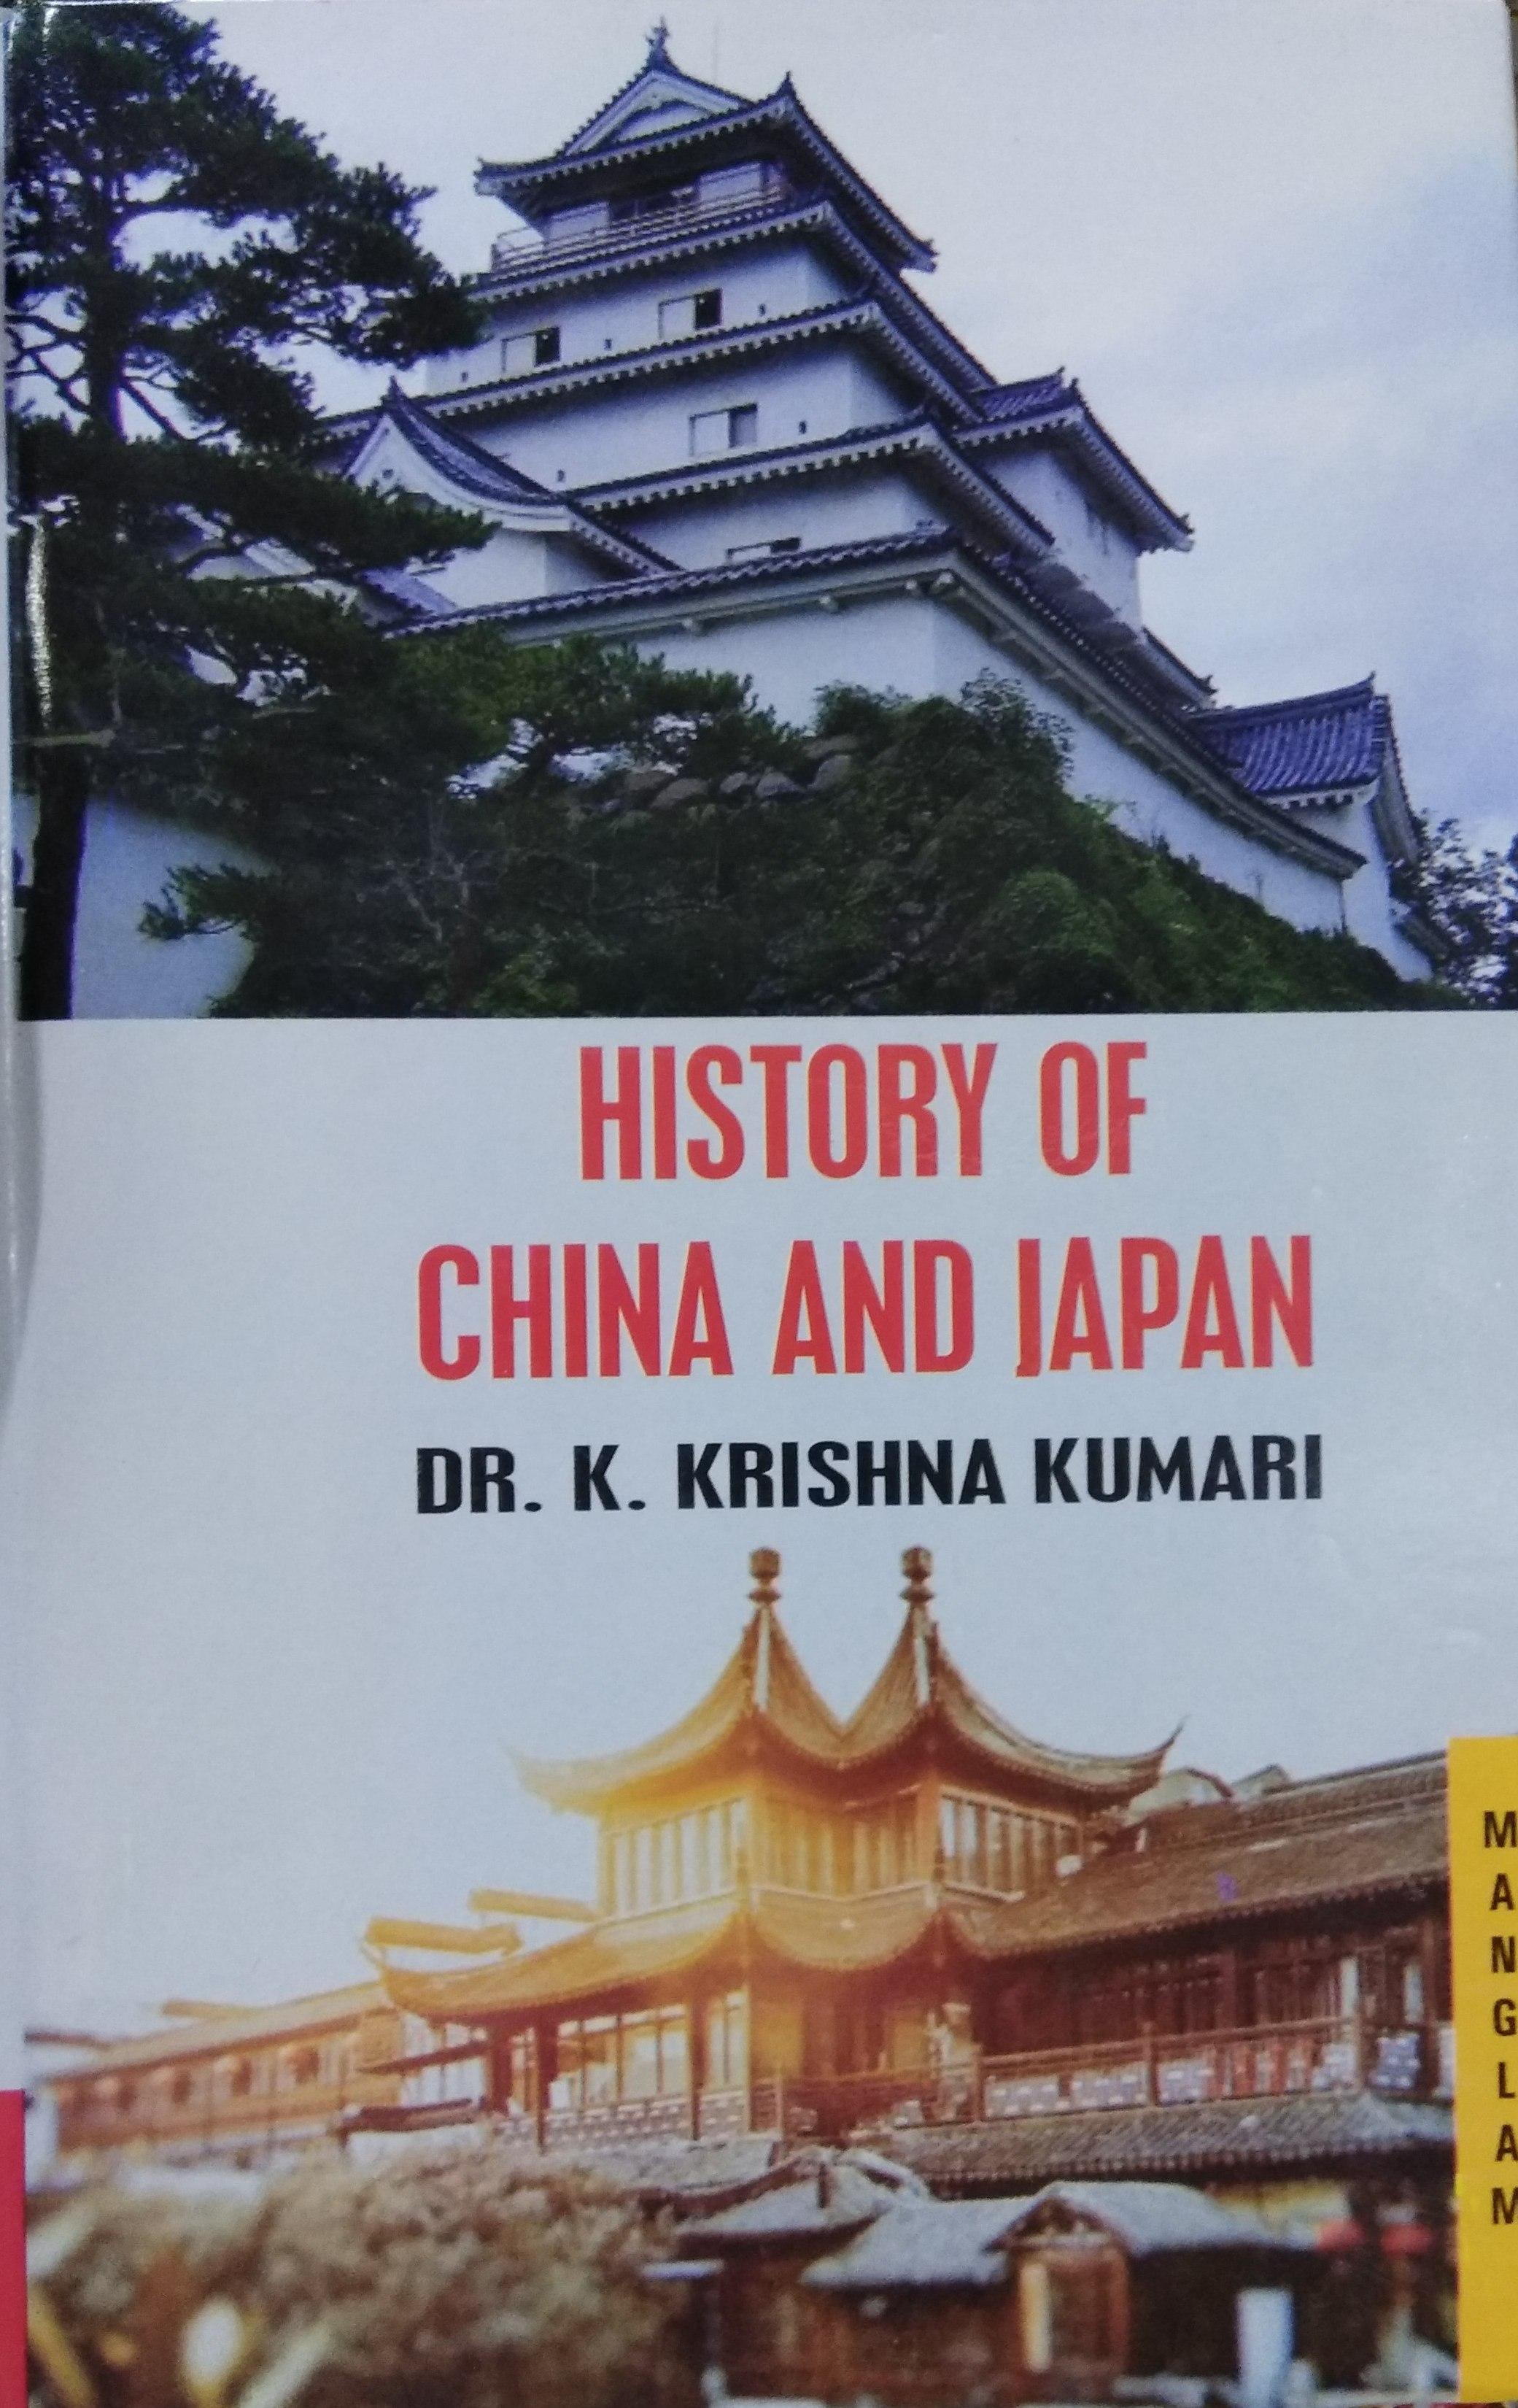 History of China and Japan